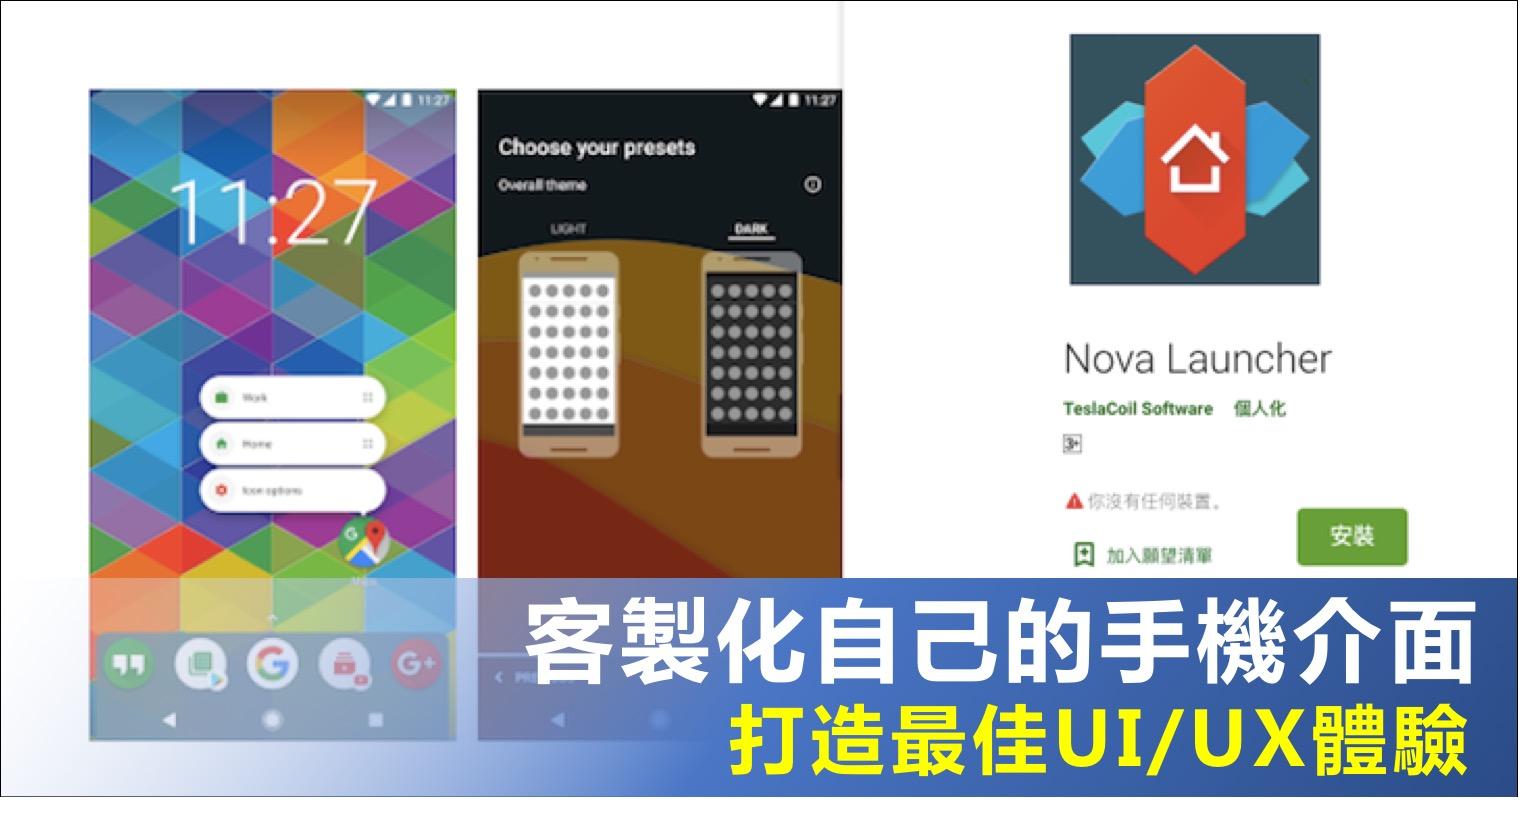 客製化自己的手機介面:用 Nova Launcher 打造最佳 UI / UX 體驗、最符合個人需求的手機介面